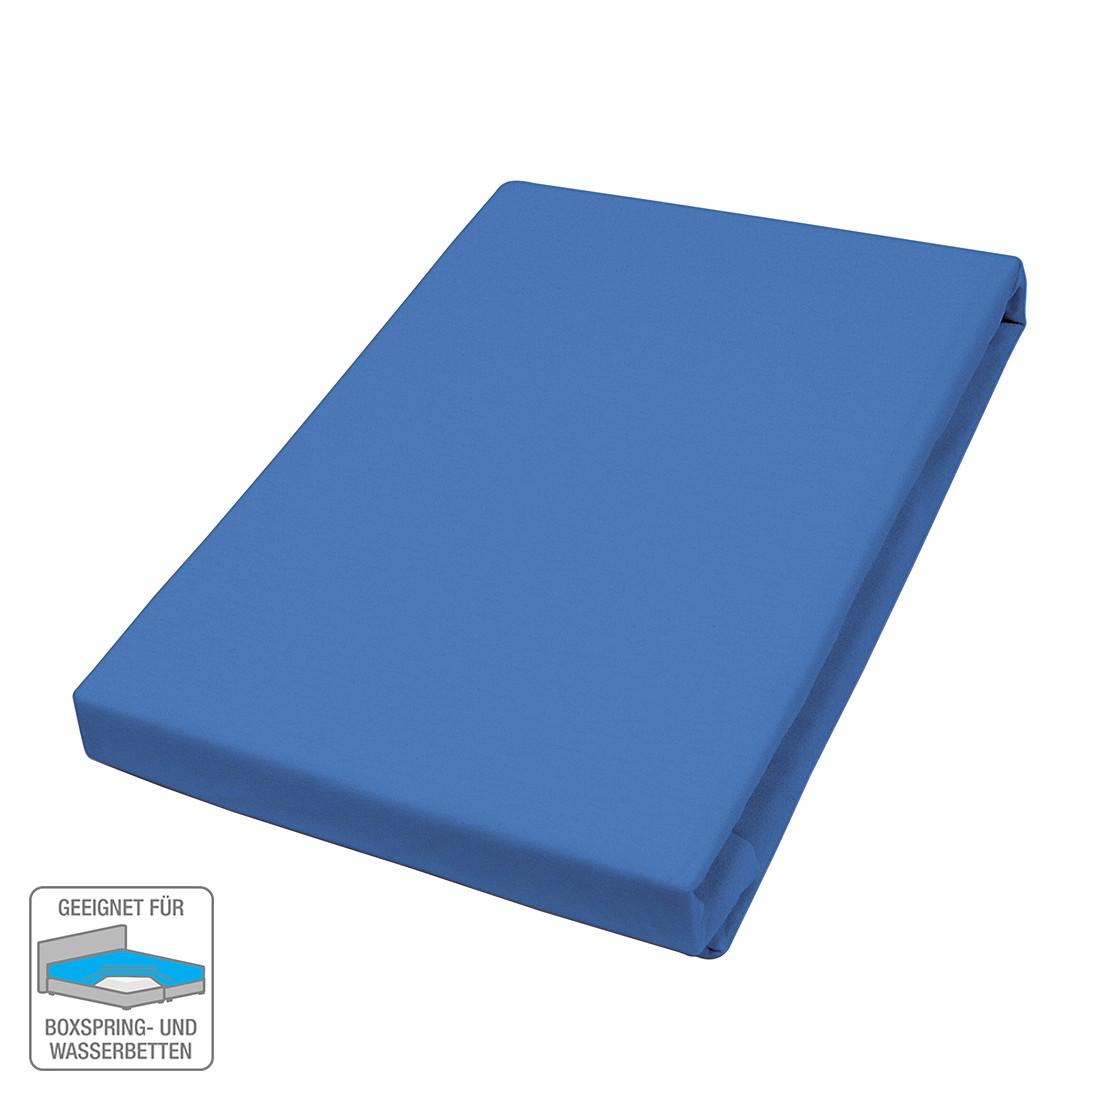 Elastan-Fernjersey-Spannbetttuch – Blau – 140-160 x 200-220 cm, vario bestellen